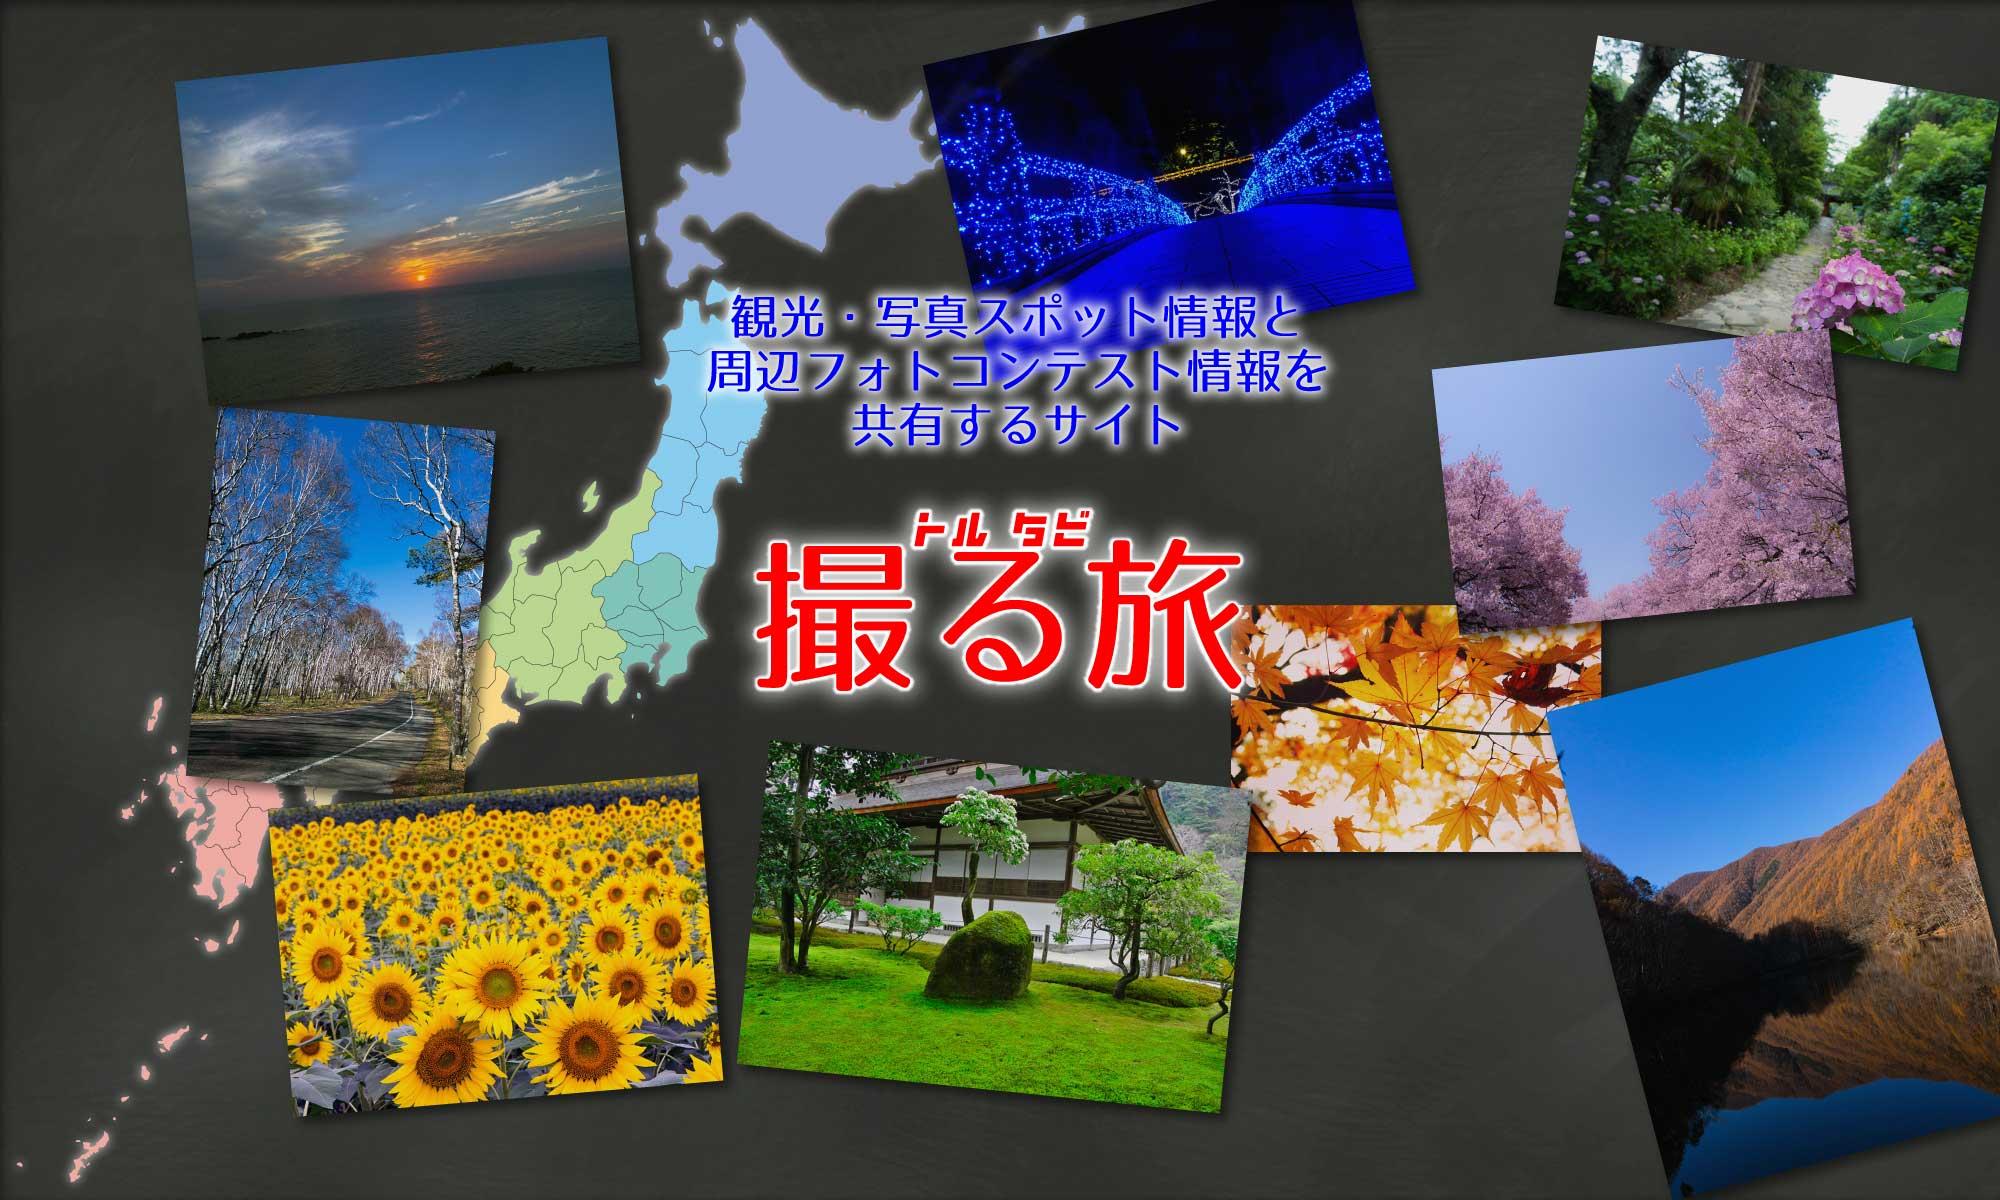 写真を撮る旅へでかけよう、観光情報サイト「撮る旅」